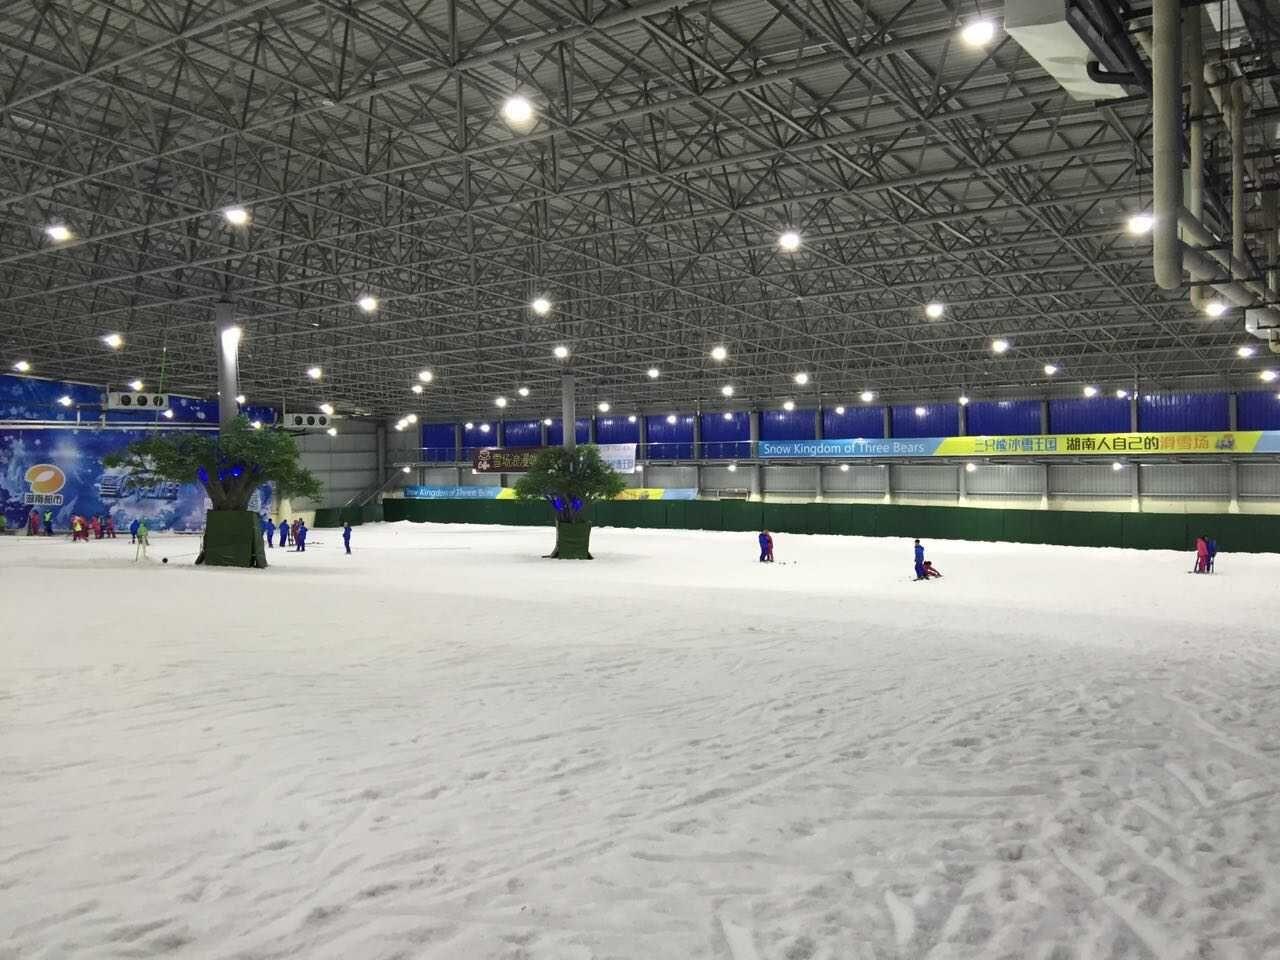 长沙三只熊滑雪场(长沙三只熊冰雪王国滑雪场